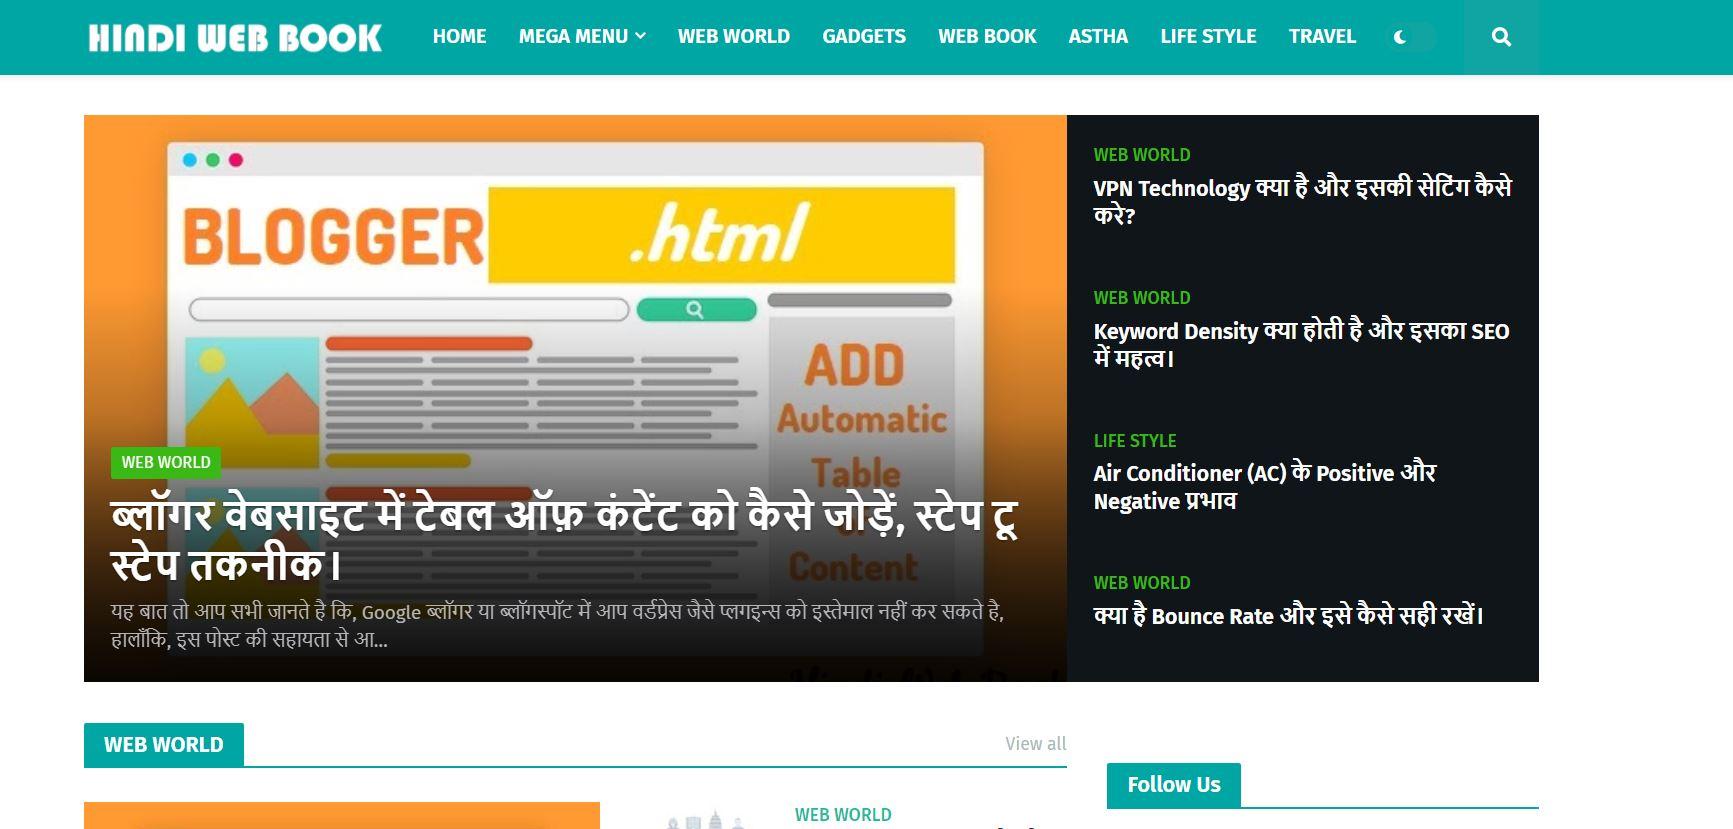 Hindi Web Book